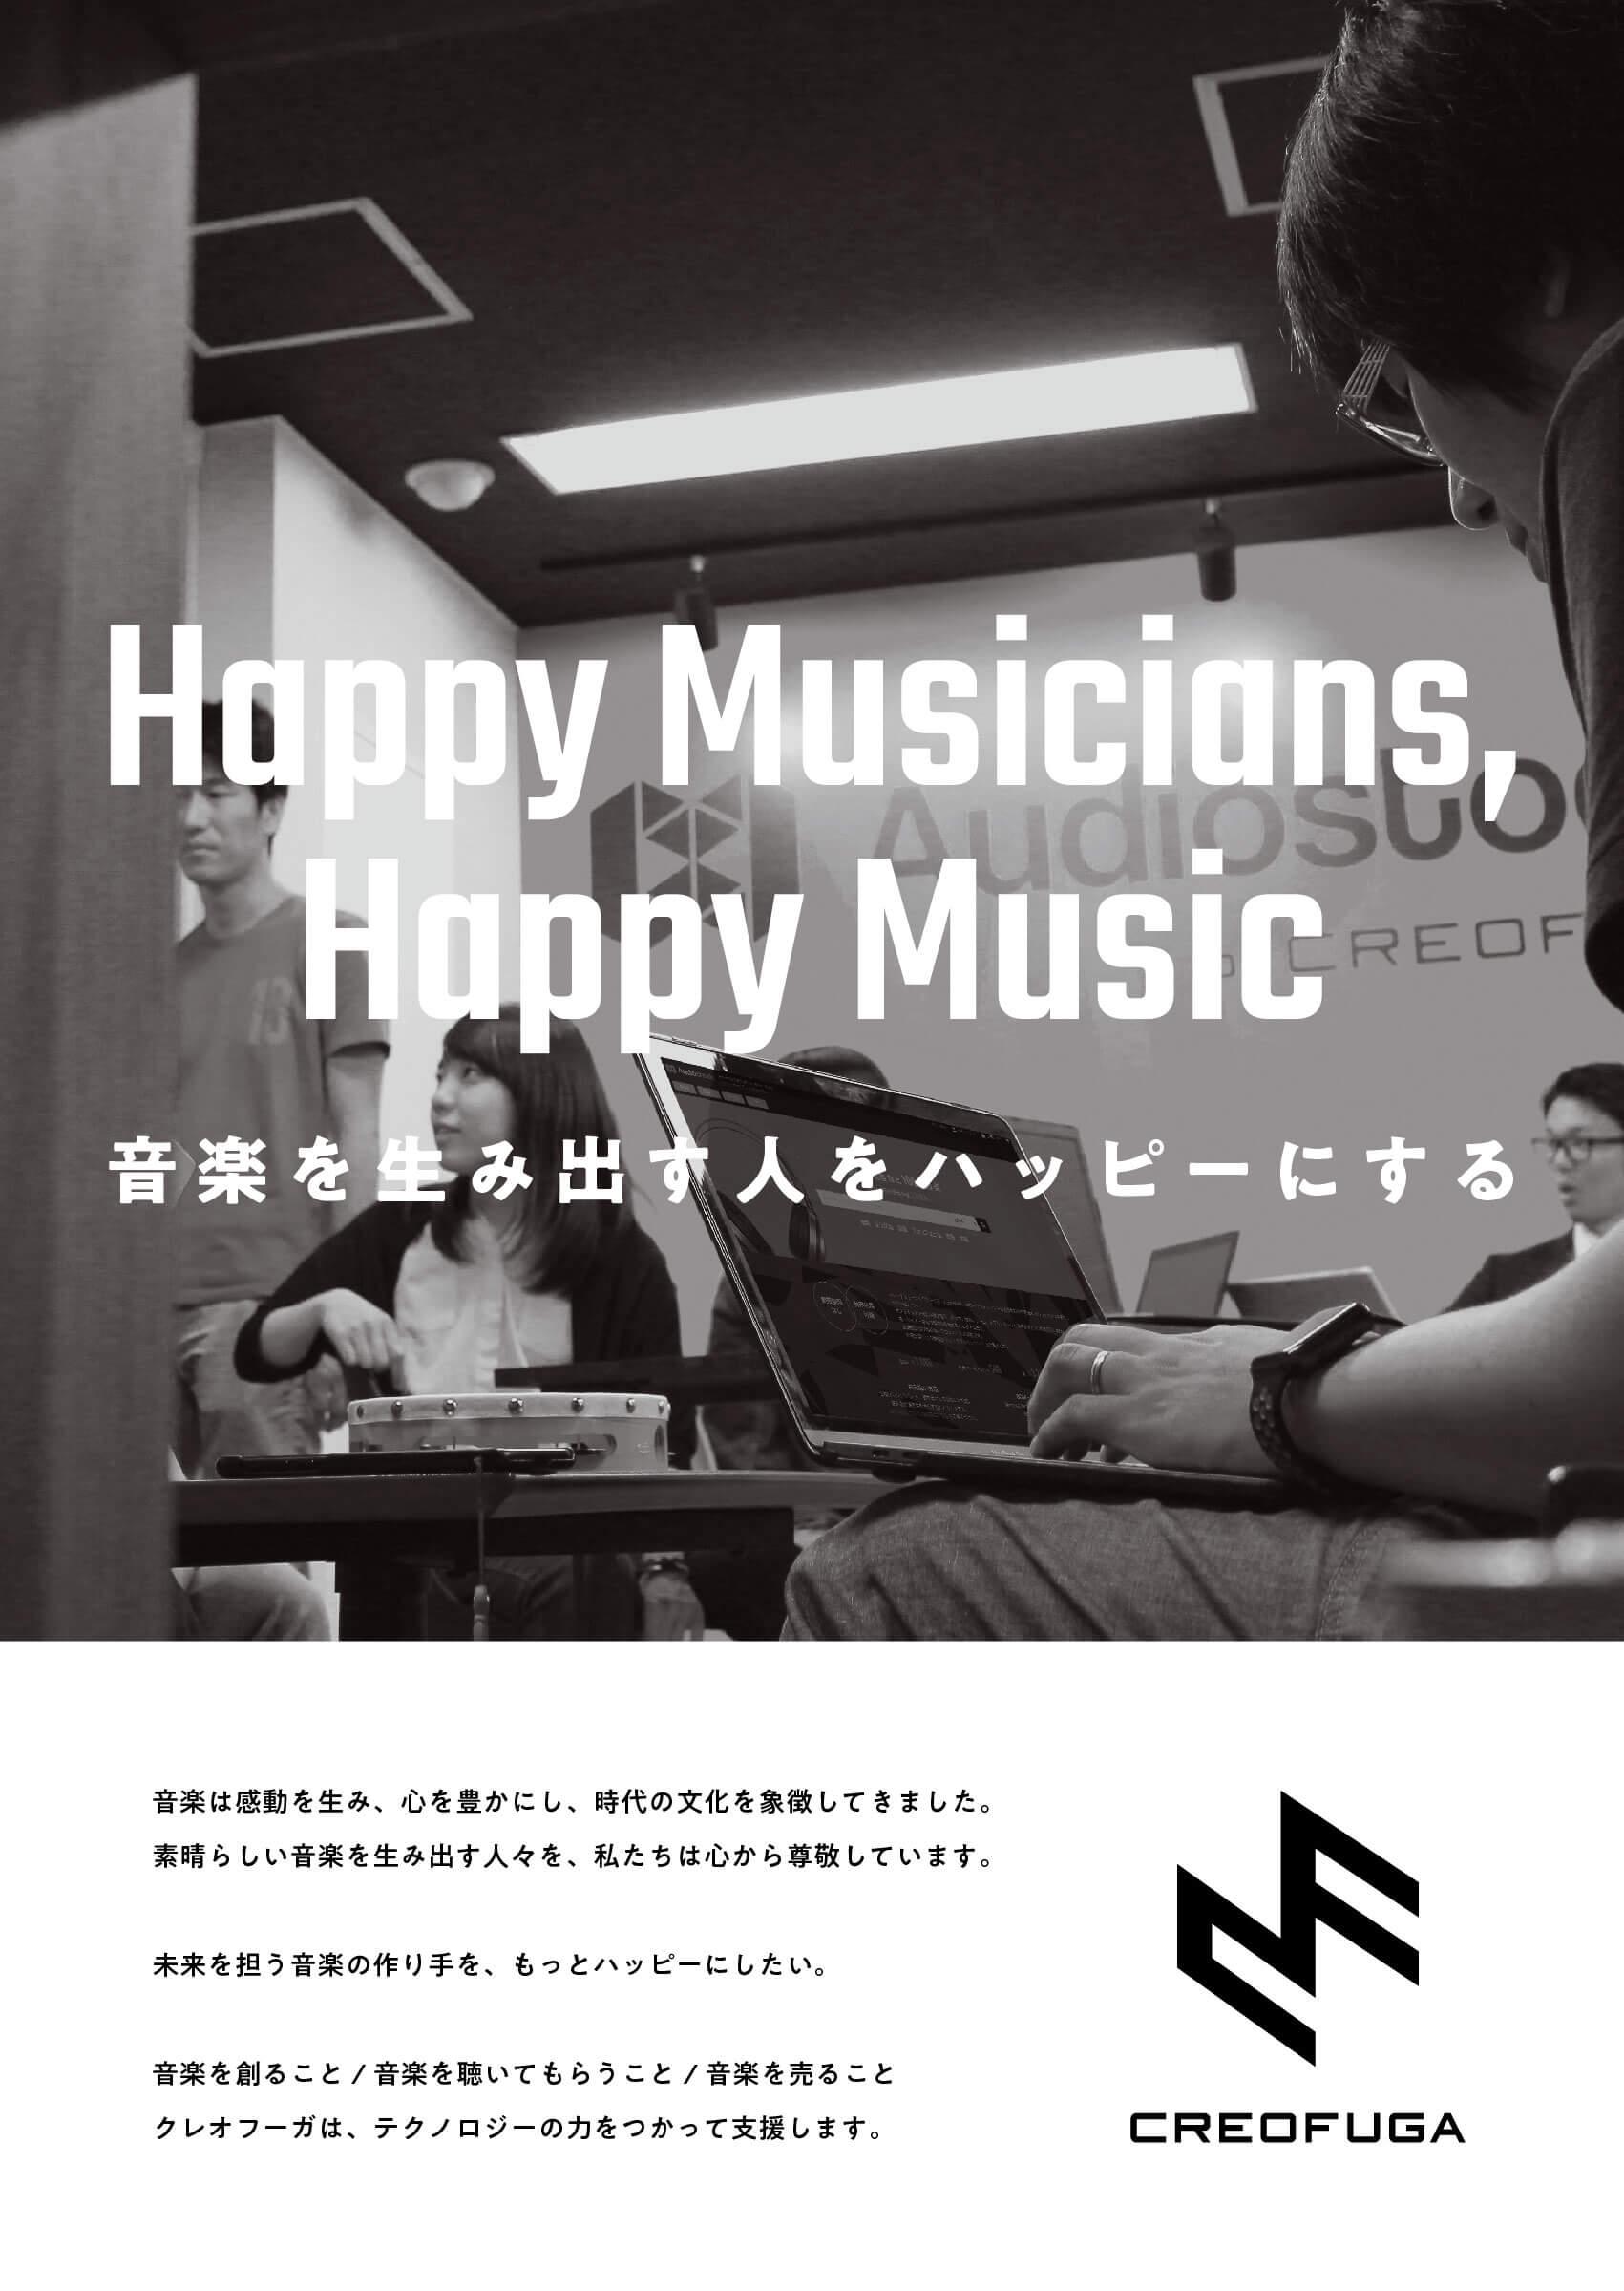 コーポレートビジョン「Happy Musicians, Happy Music」